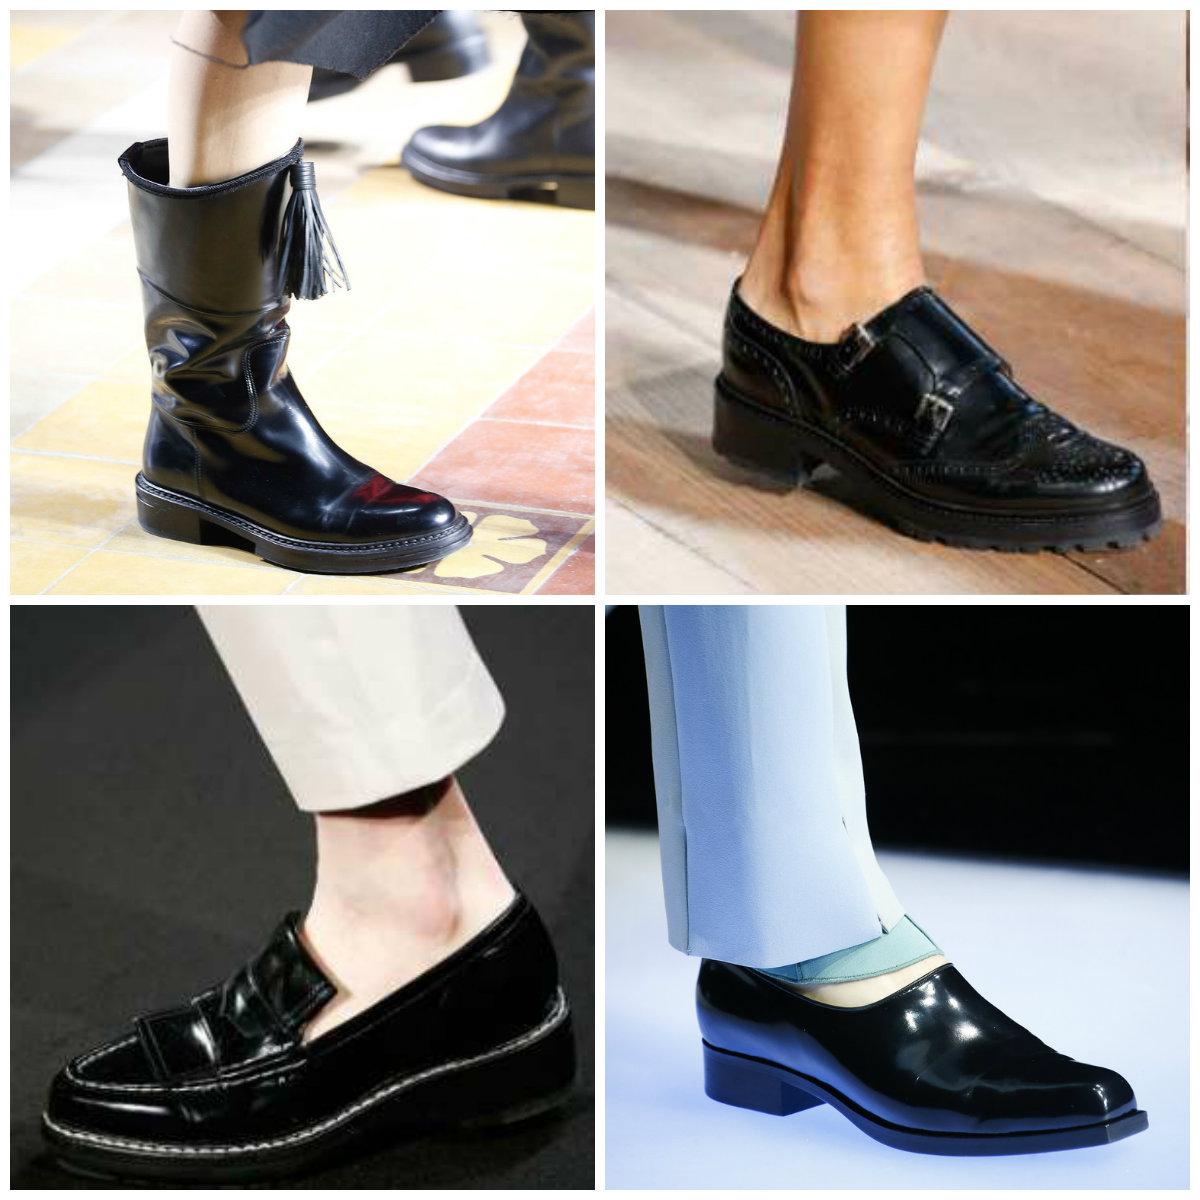 модные-тенденции-осень-зима-2015-2016-обувь-мужской-стиль